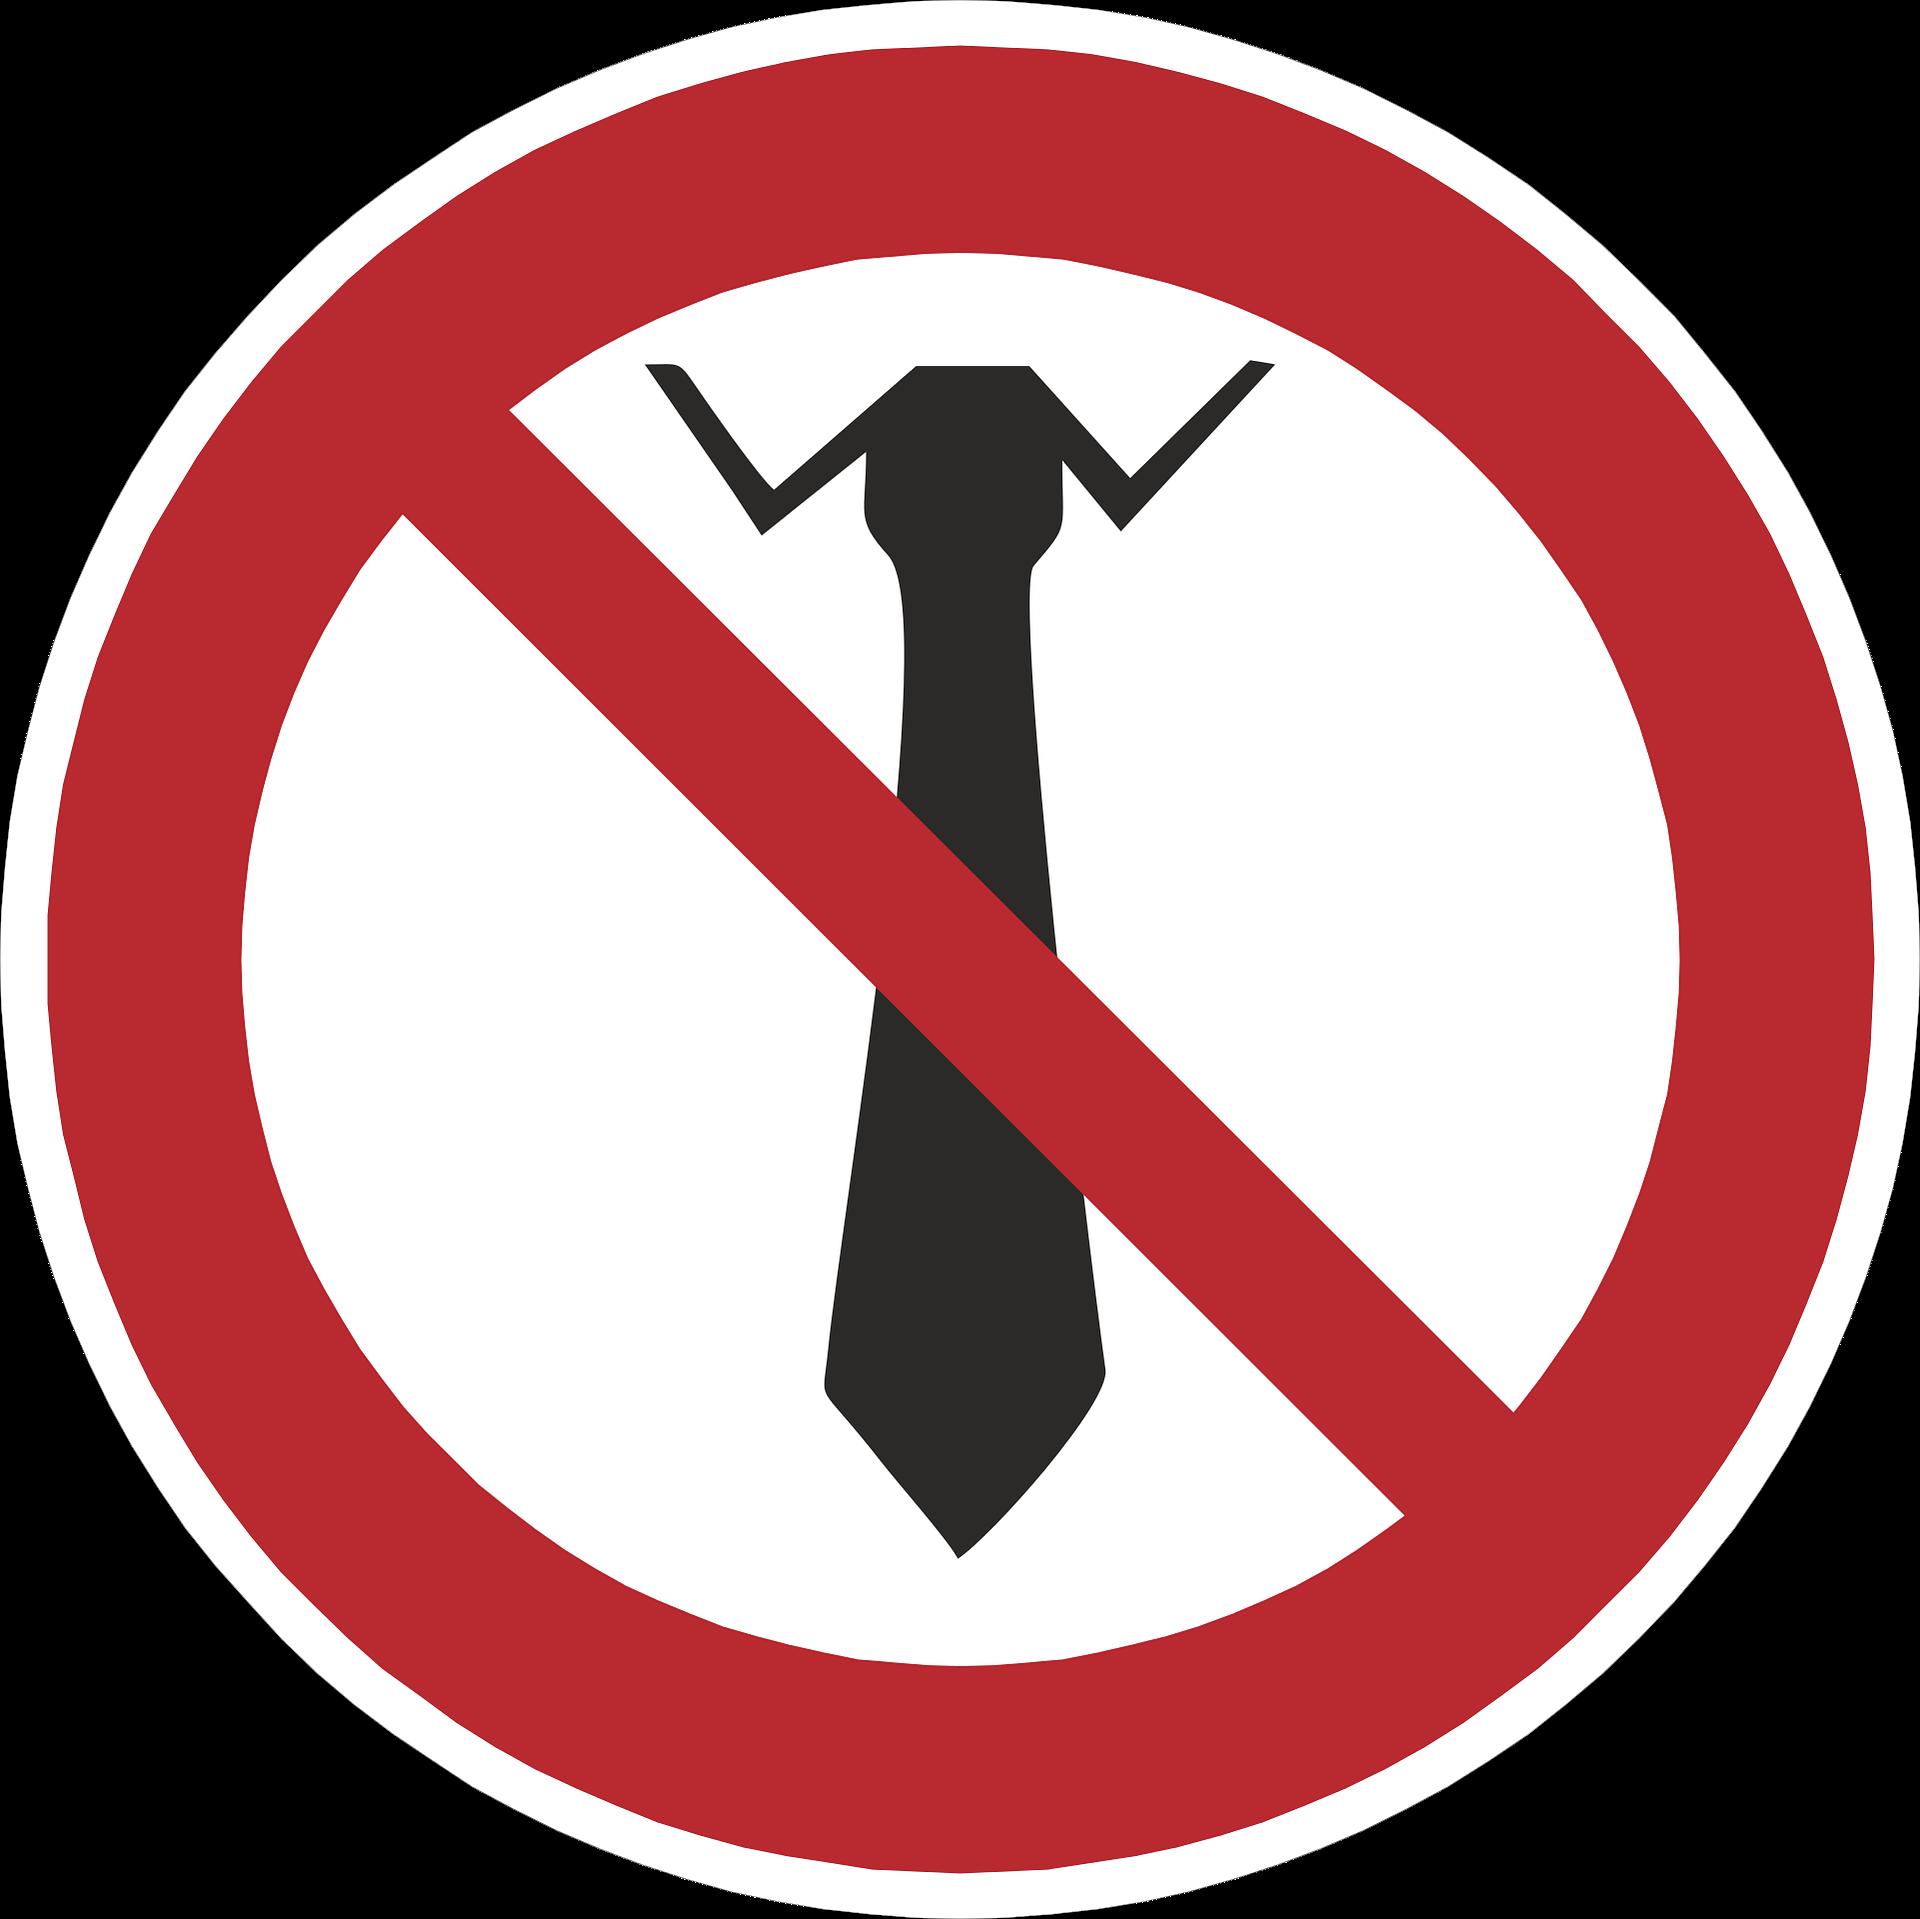 Rilevanza deontologica delle espressioni sconvenienti e offensive, pronunciate in una dimensione privata (e non professionale).